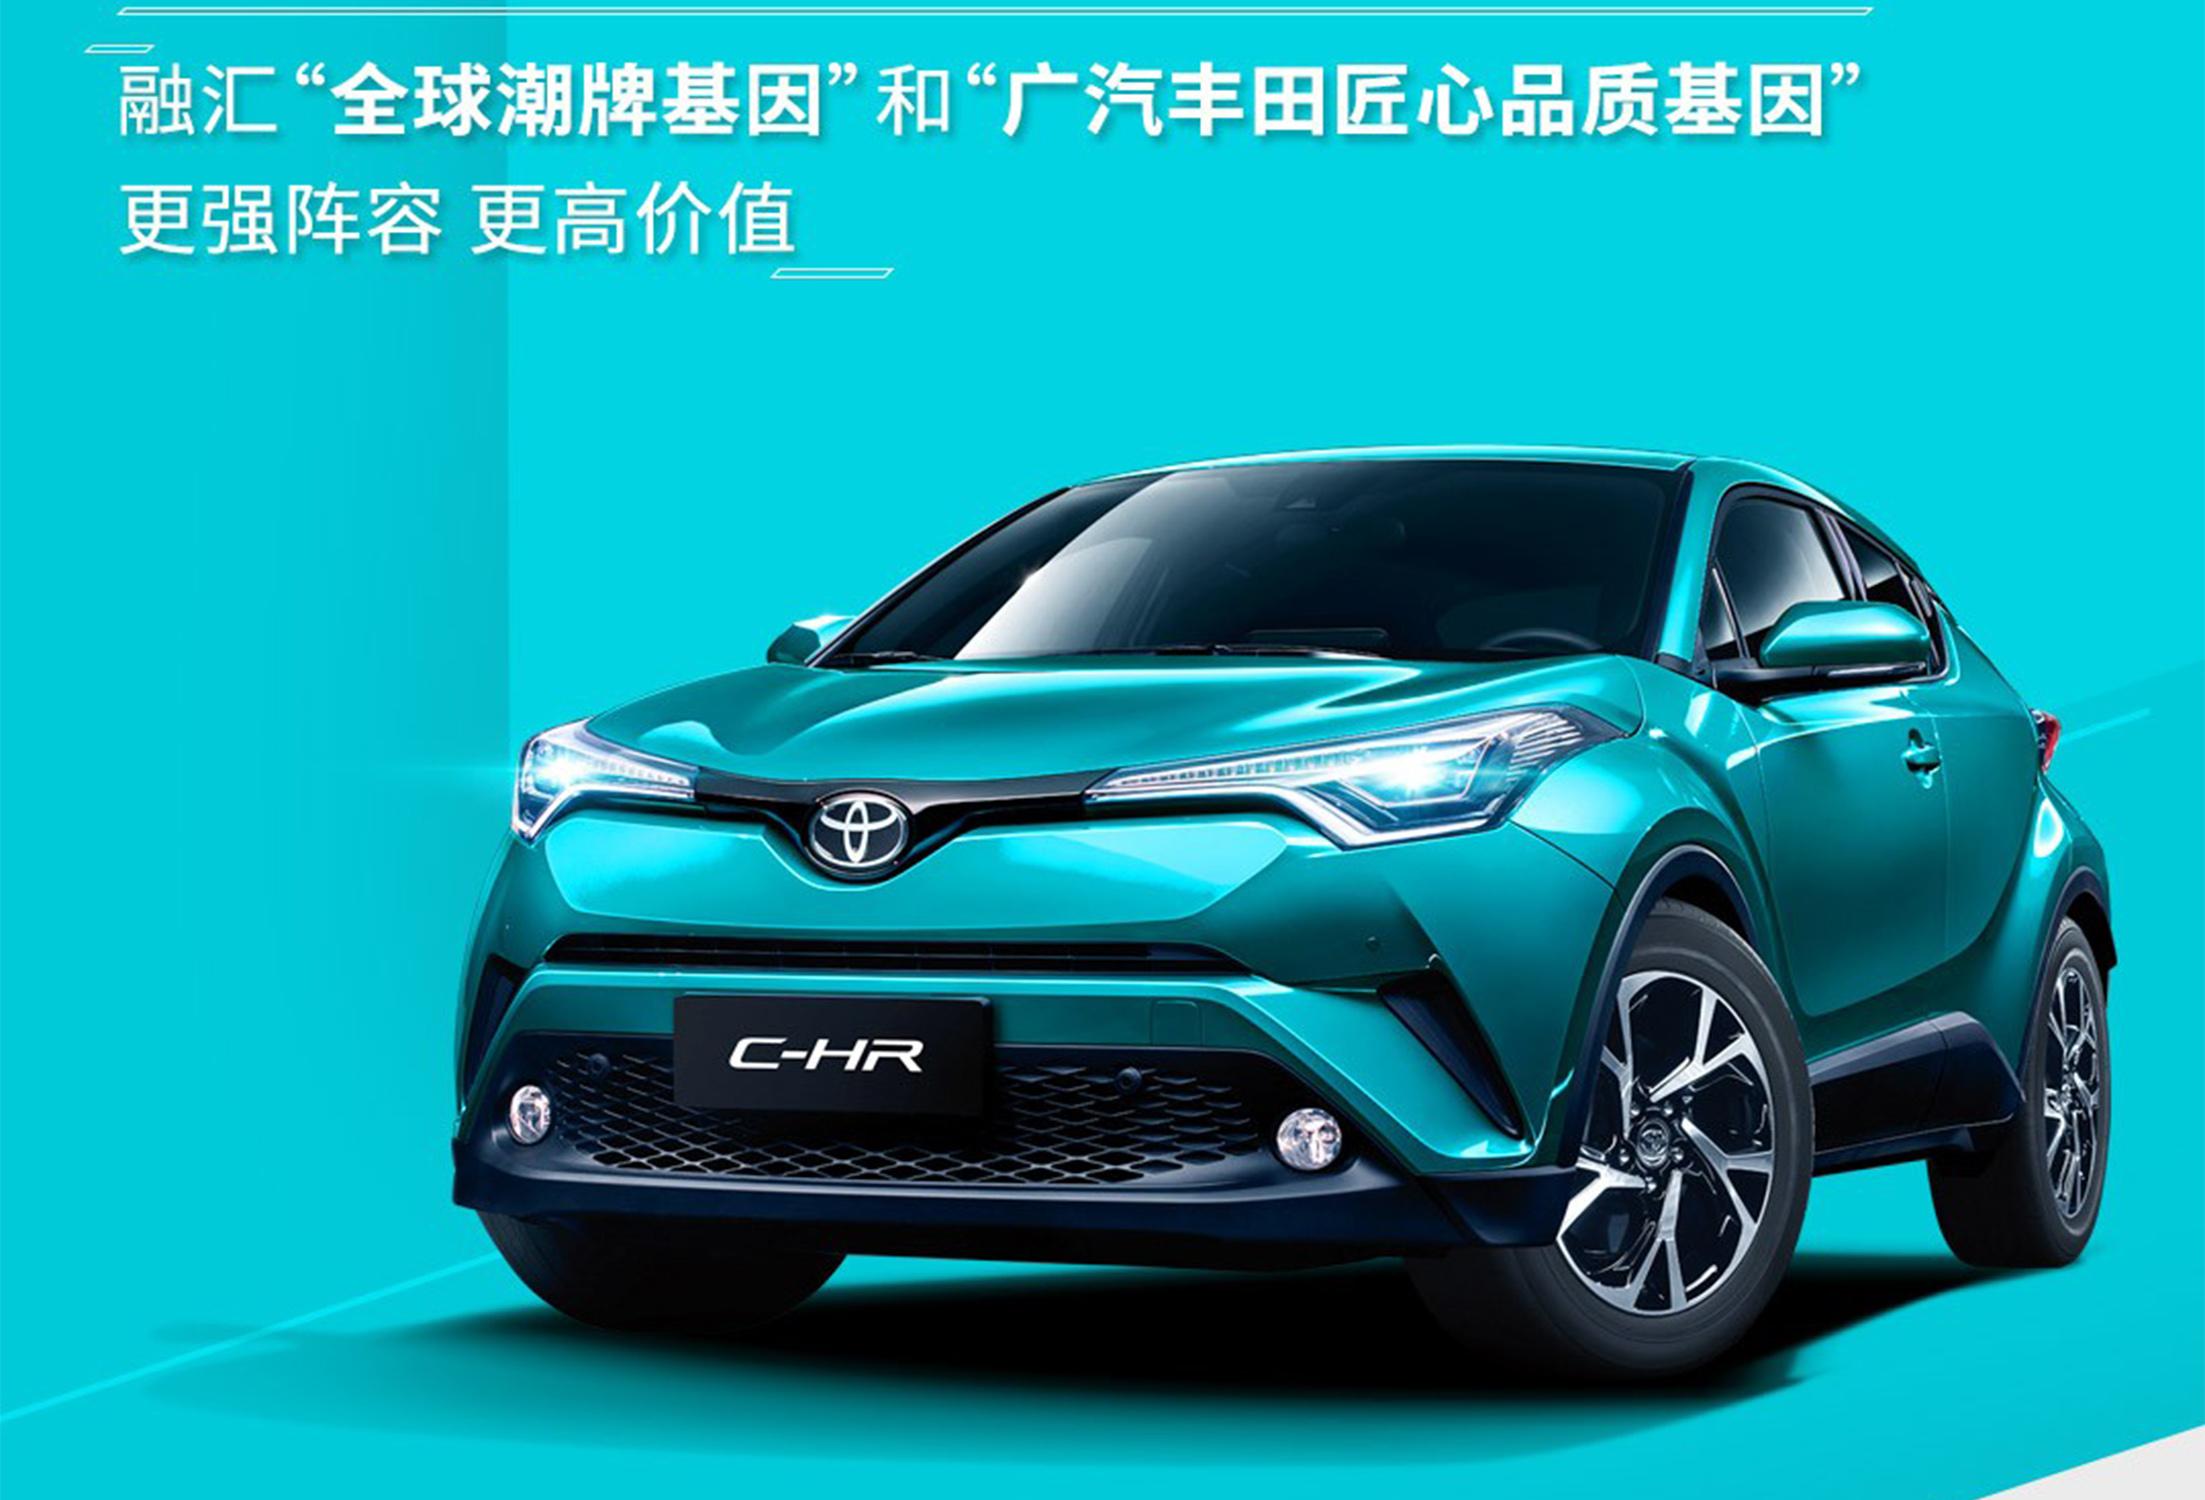 丰田C-HR优惠高达1.1万 欢迎到店赏鉴